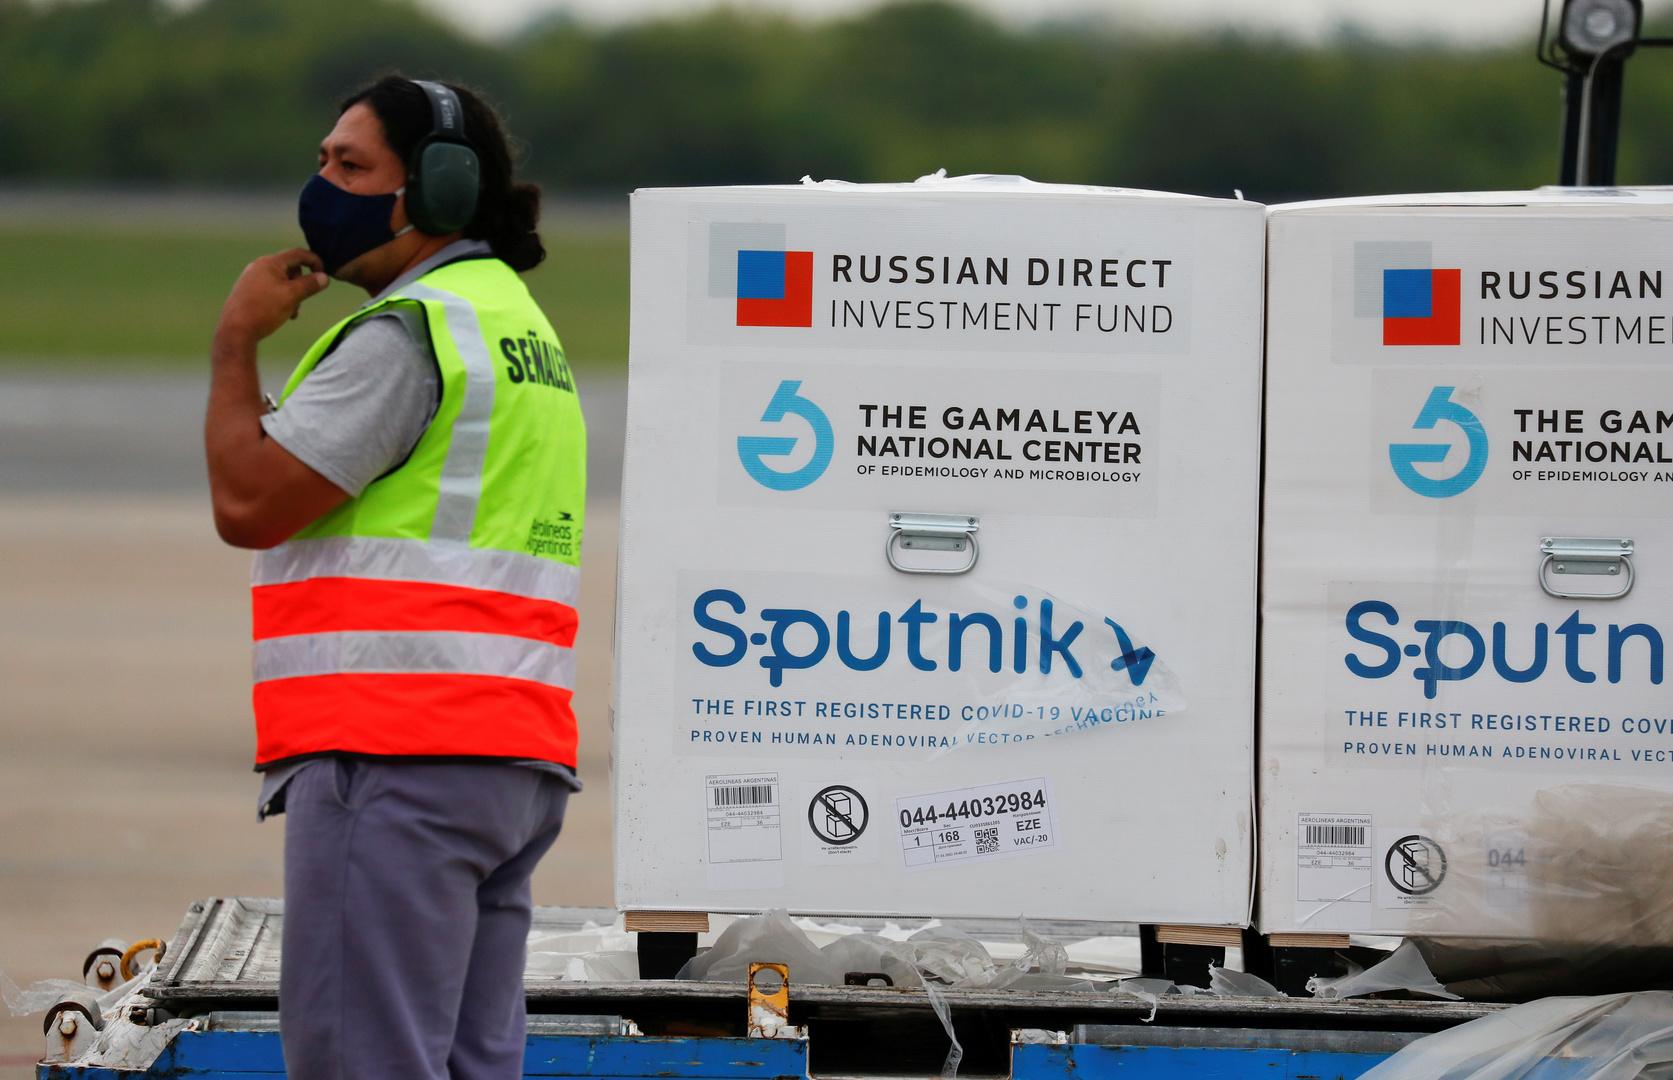 وسائل إعلام: بوتين سيبحث مع رئيس الأرجنتين إنتاج لقاح